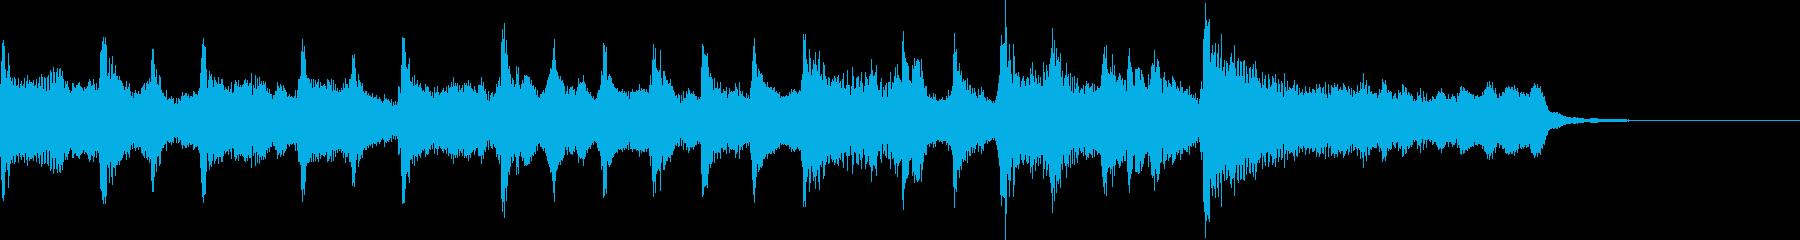 【ジングル】チャンネル登録・穏やかな曲の再生済みの波形